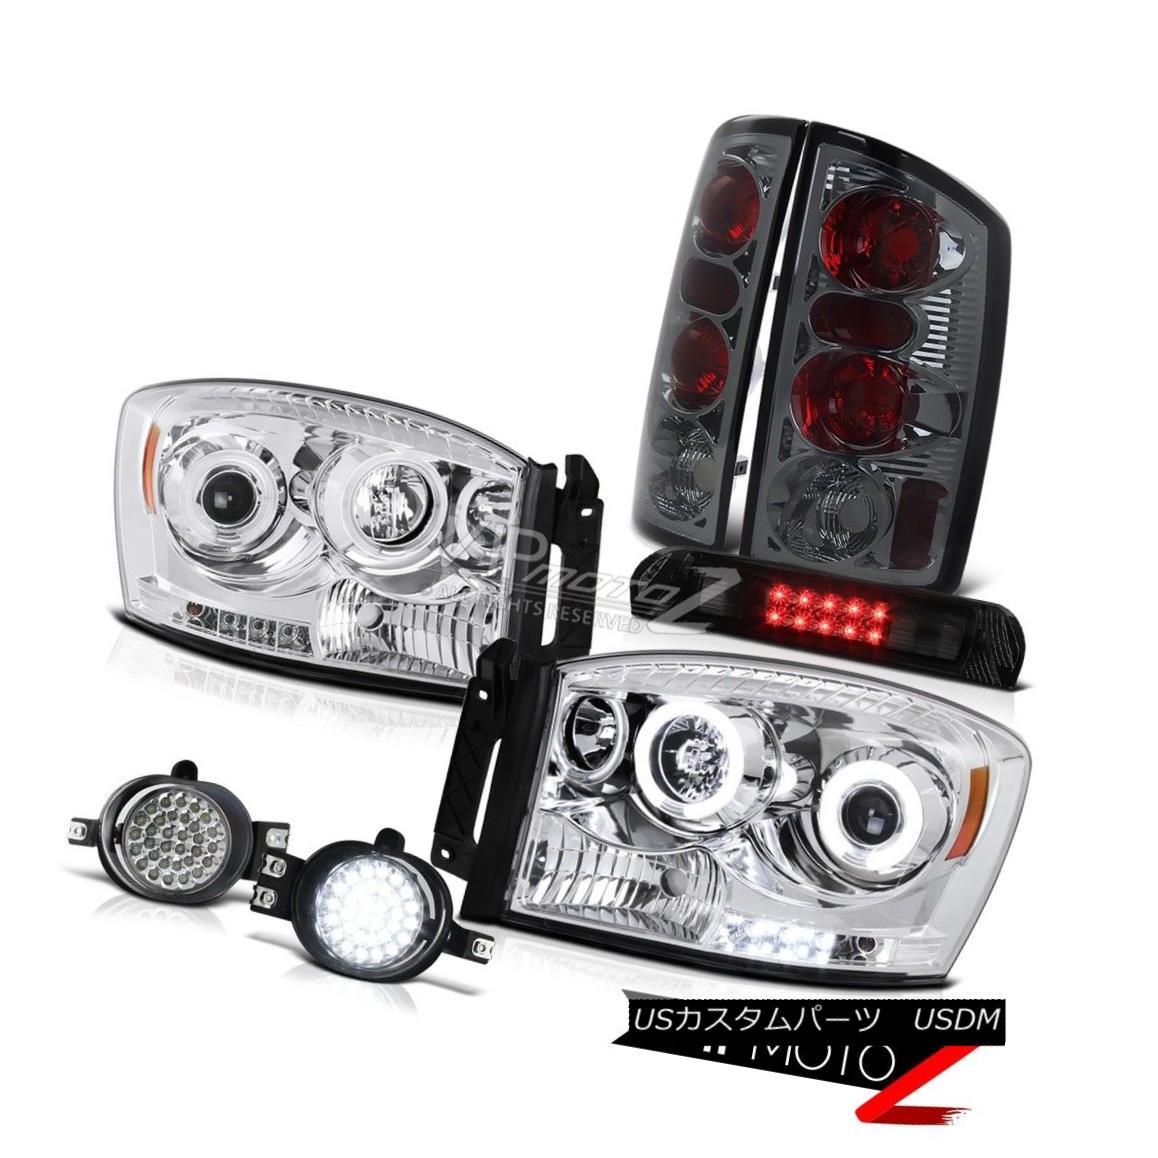 ヘッドライト Halo Angel Eye Headlight Signal Tail Light LED Fog Brake Cargo 2006 Dodge Ram V8 ハローエンジェルアイヘッドライト信号テールライトLEDフォグブレーキカーゴ2006 Dodge Ram V8